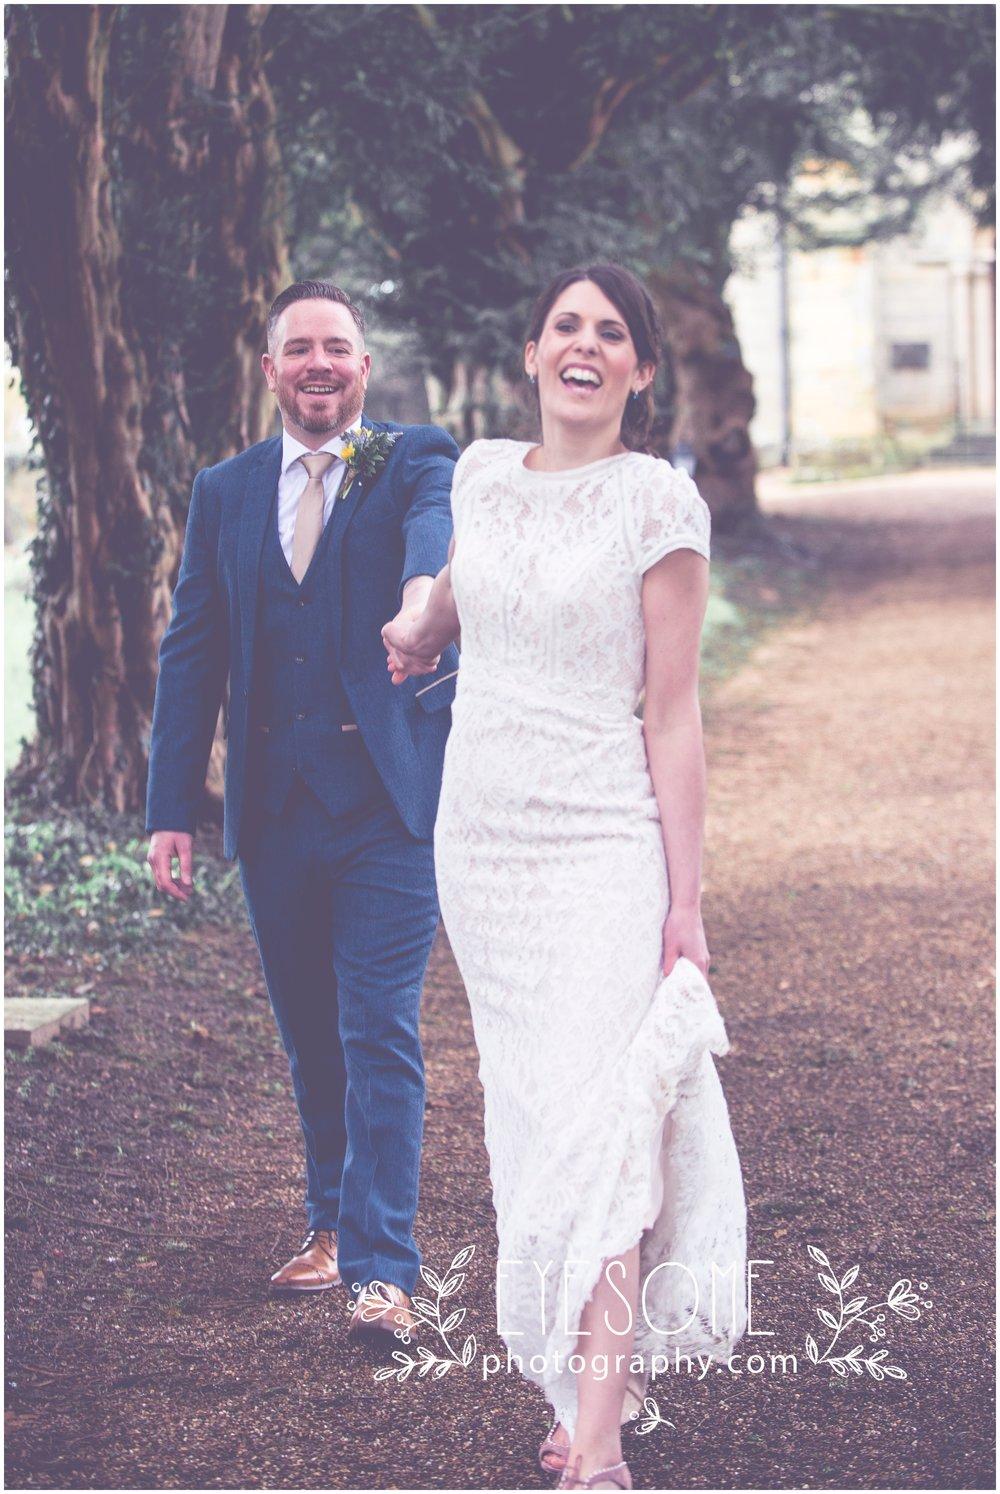 DSC_9451_harrogate wedding images.jpg